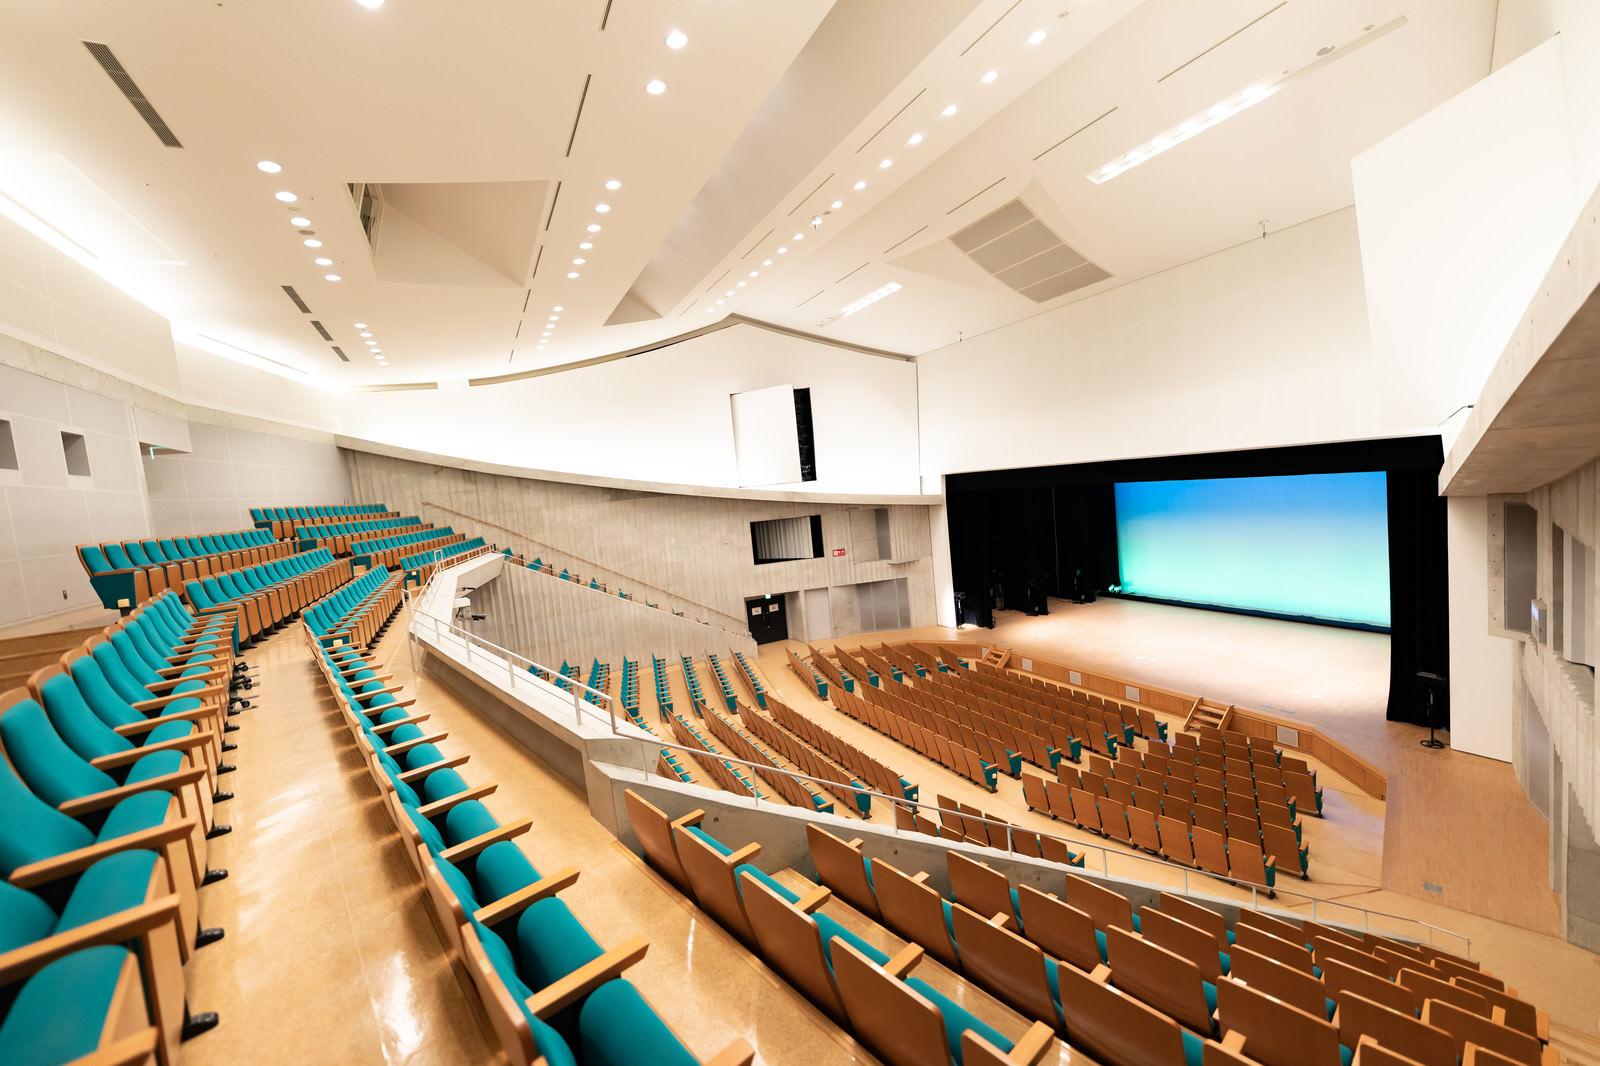 「世界有数の音響設備の多目的コンサートホール「とぎつカナリーホール」」の写真